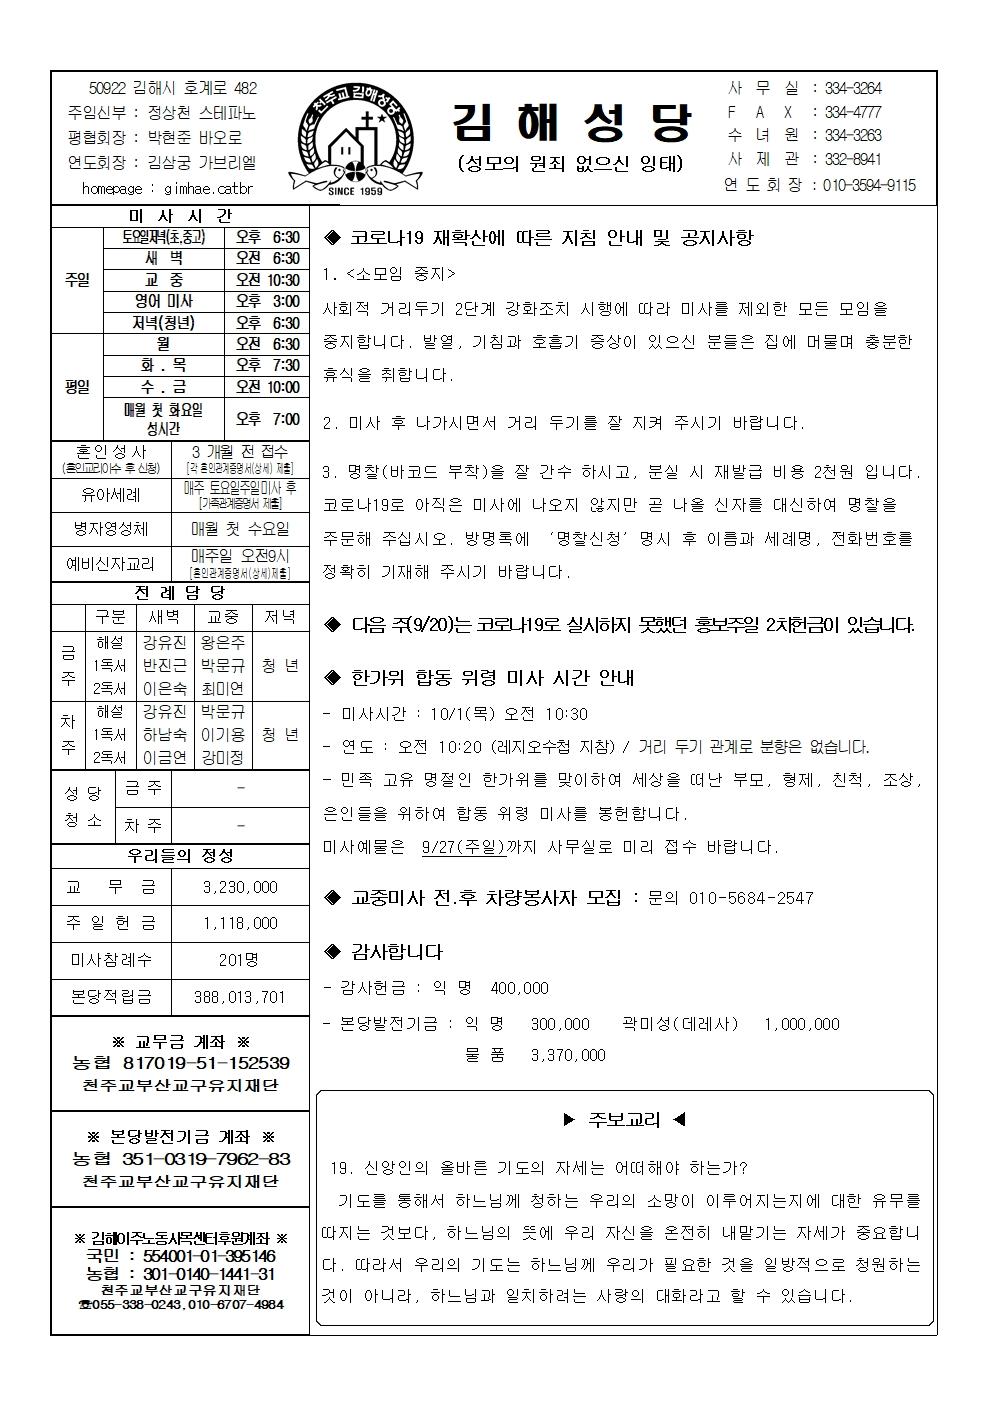 김해20200913001.jpg